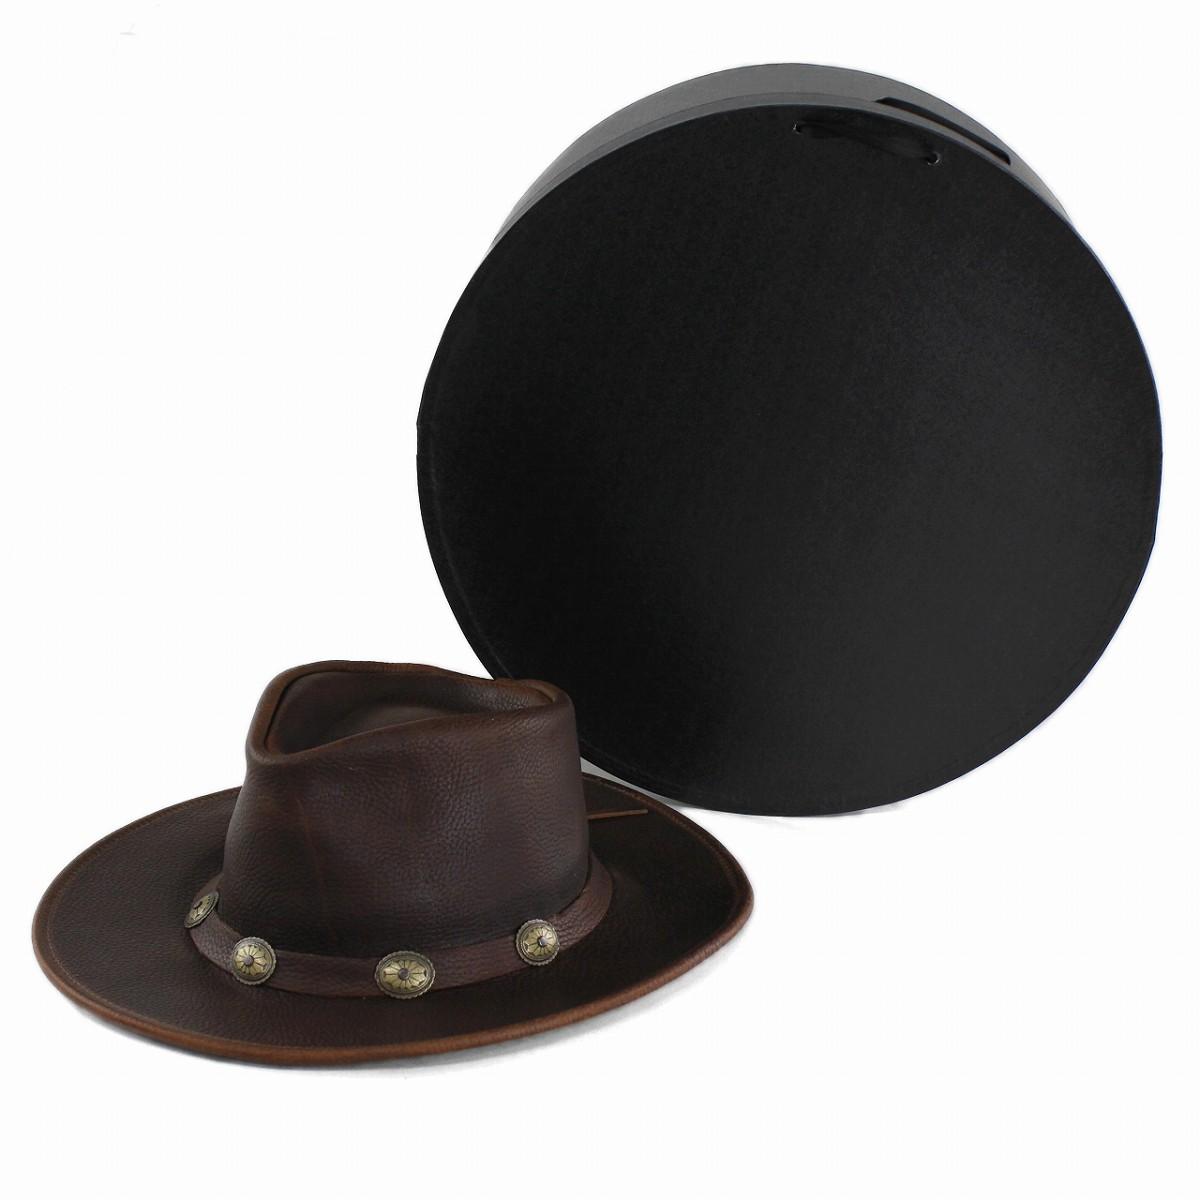 大好評 帽子の保管やプレゼントに最適なHATBOX 帽子保管箱 ハットケース ギフトボックス 帽子 収納 直径39cm 帽子入れ 帽子ケース hatbox 黒 収納グッズ 型崩れ防止 クローゼット ブラック ランキングTOP10 受賞店